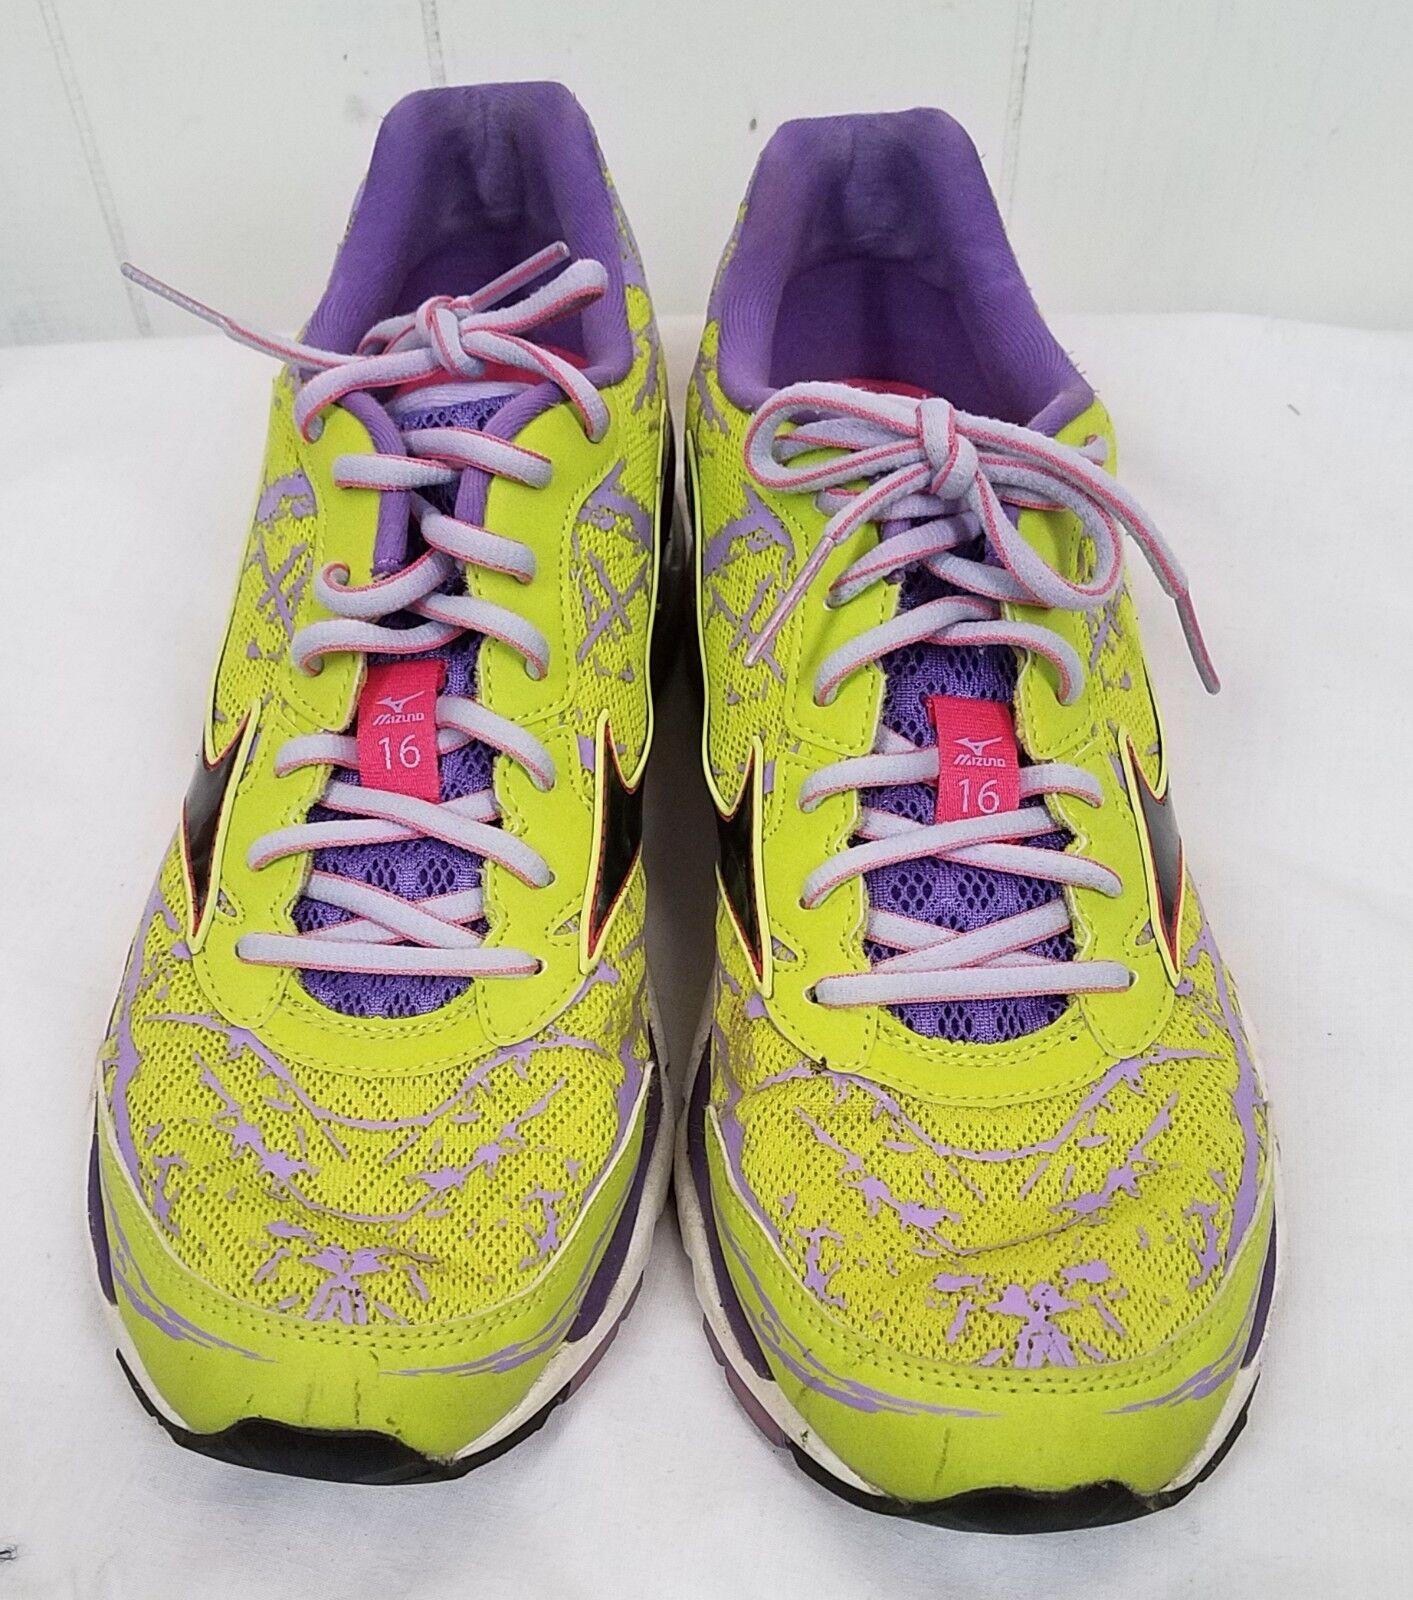 Damenschuhe Mizuno Wave Creation 16 Running Schuhe Flash Yellow purple Größe 10.5